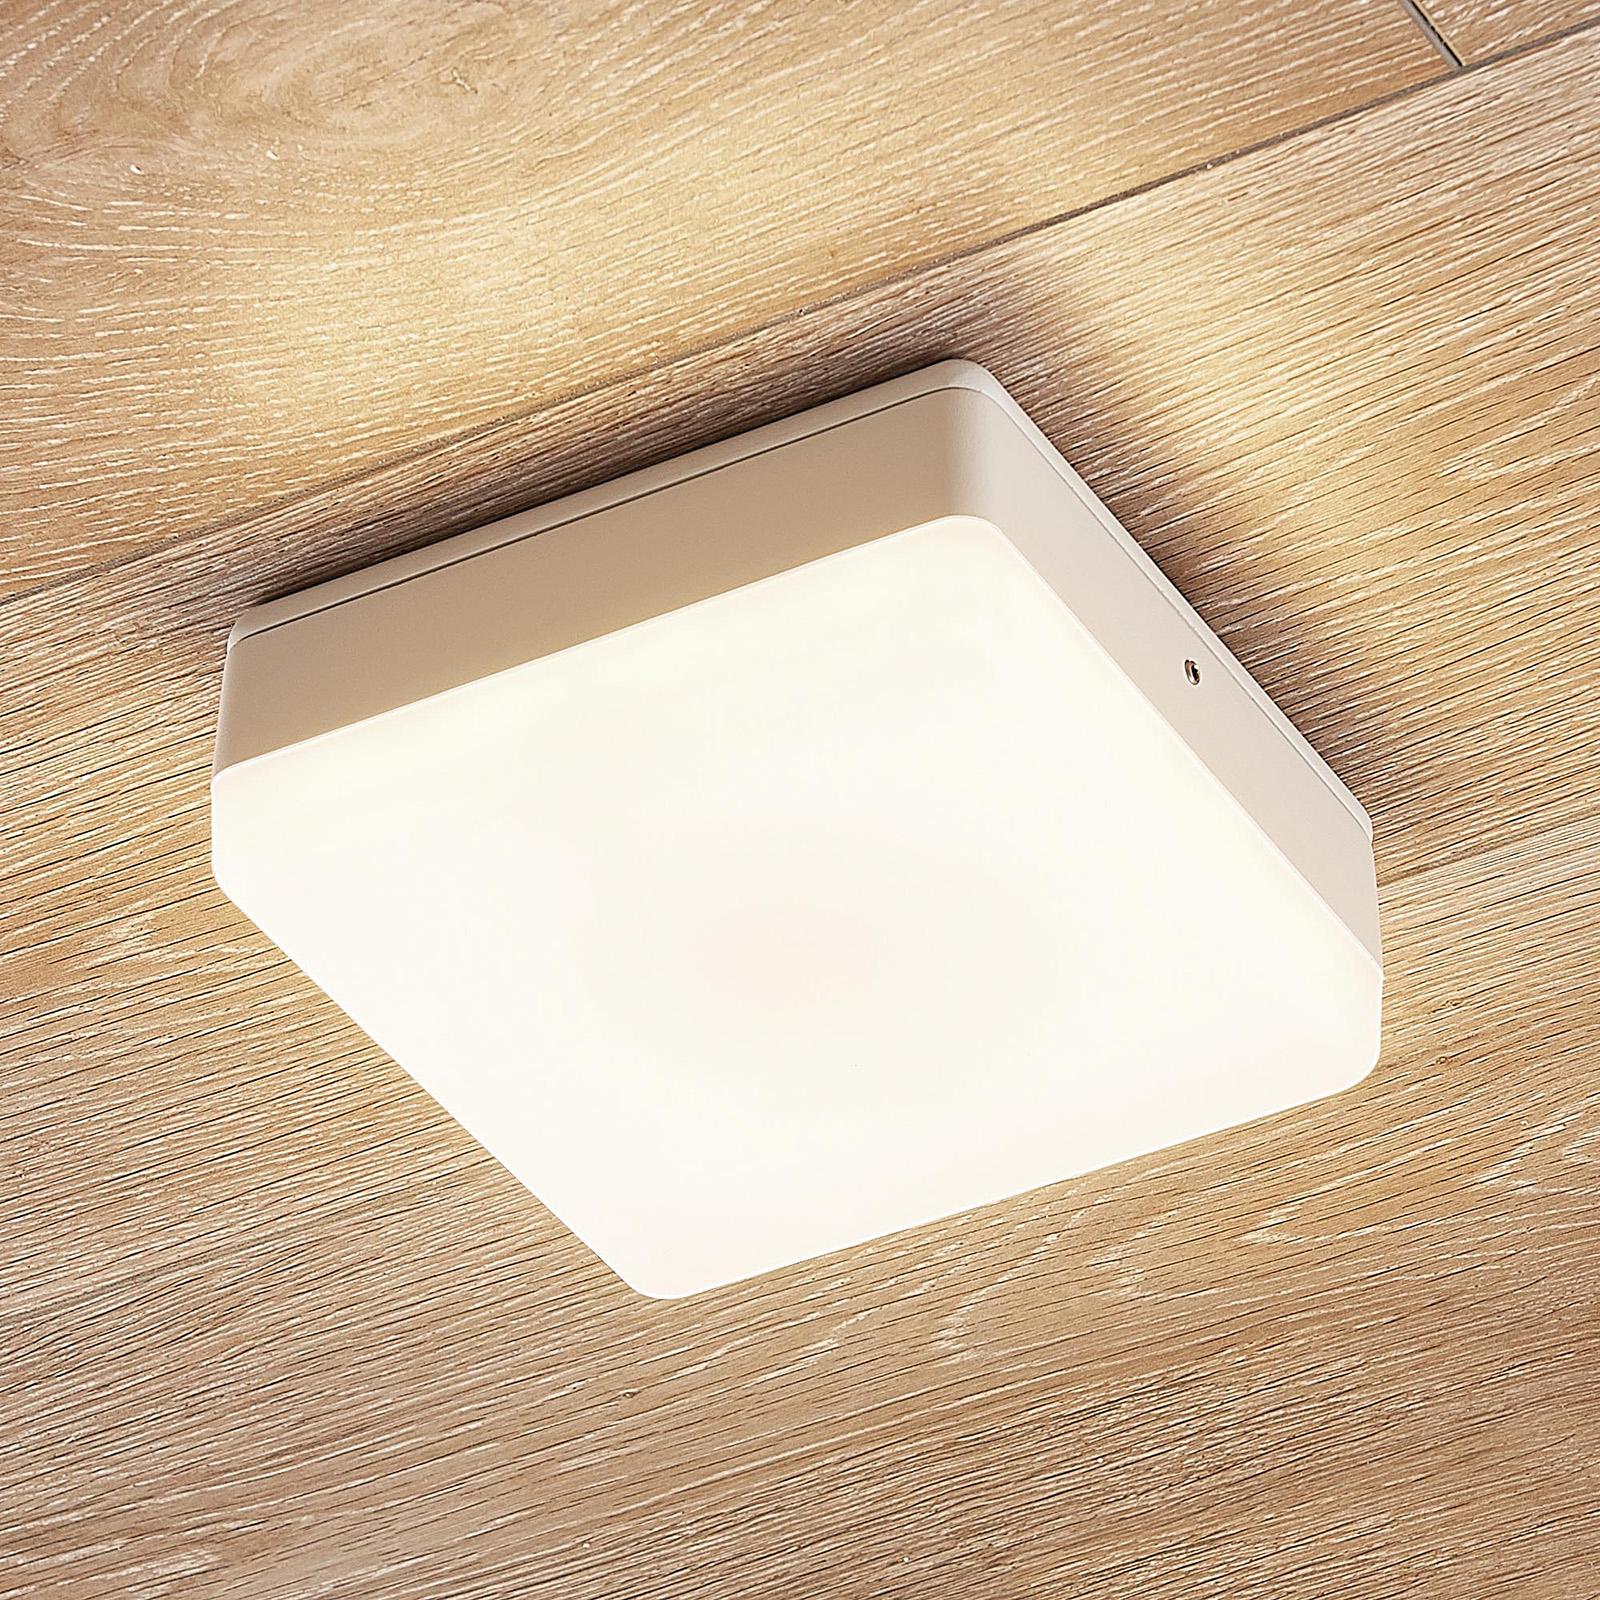 LED-Deckenlampe Thilo, IP54, weiß, 16 cm